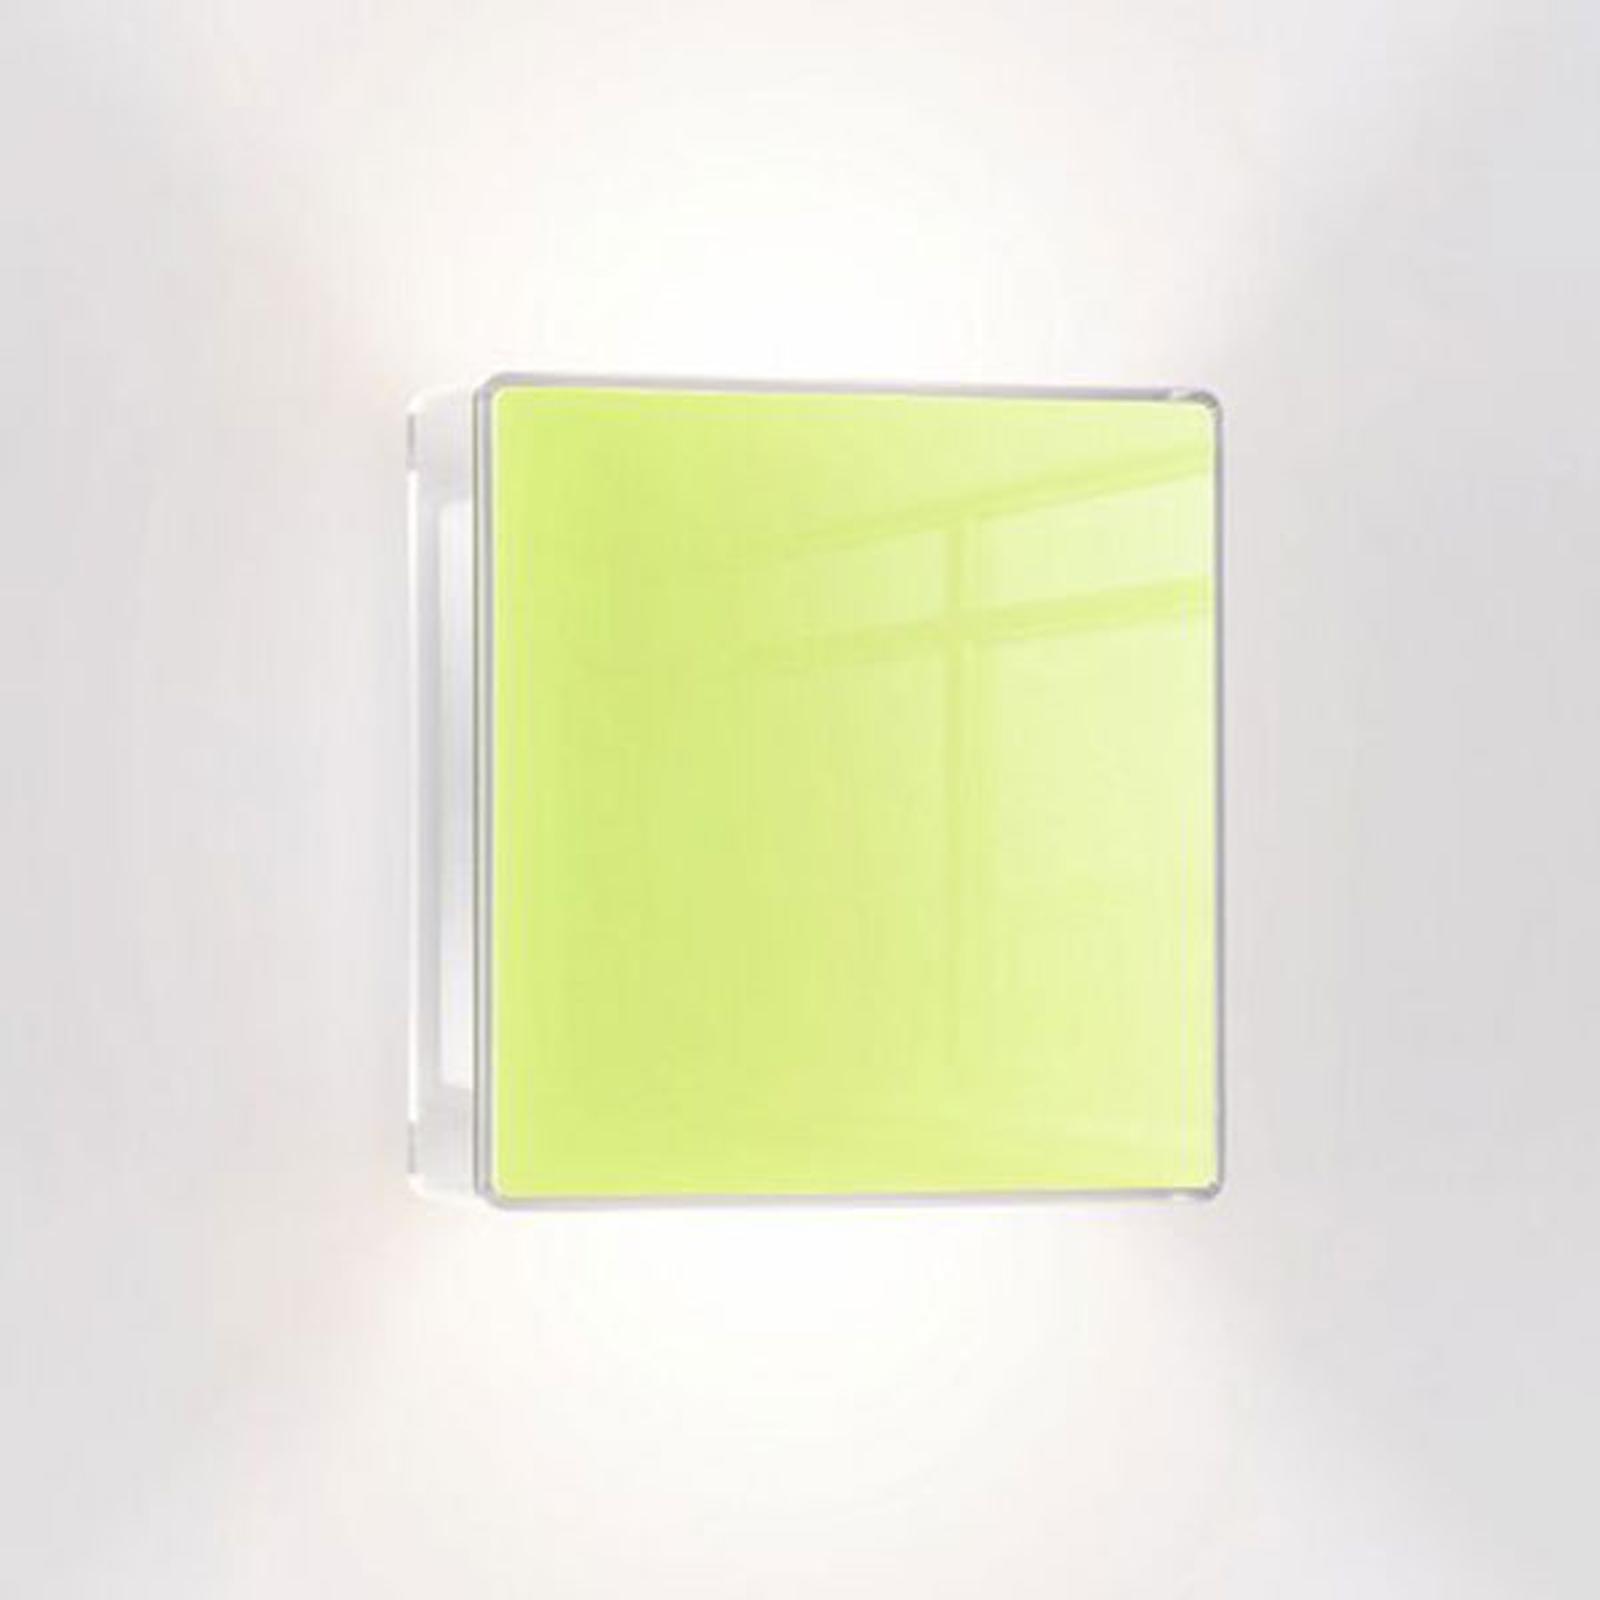 serien.lighting App – LED-seinävalaisin, vihreä